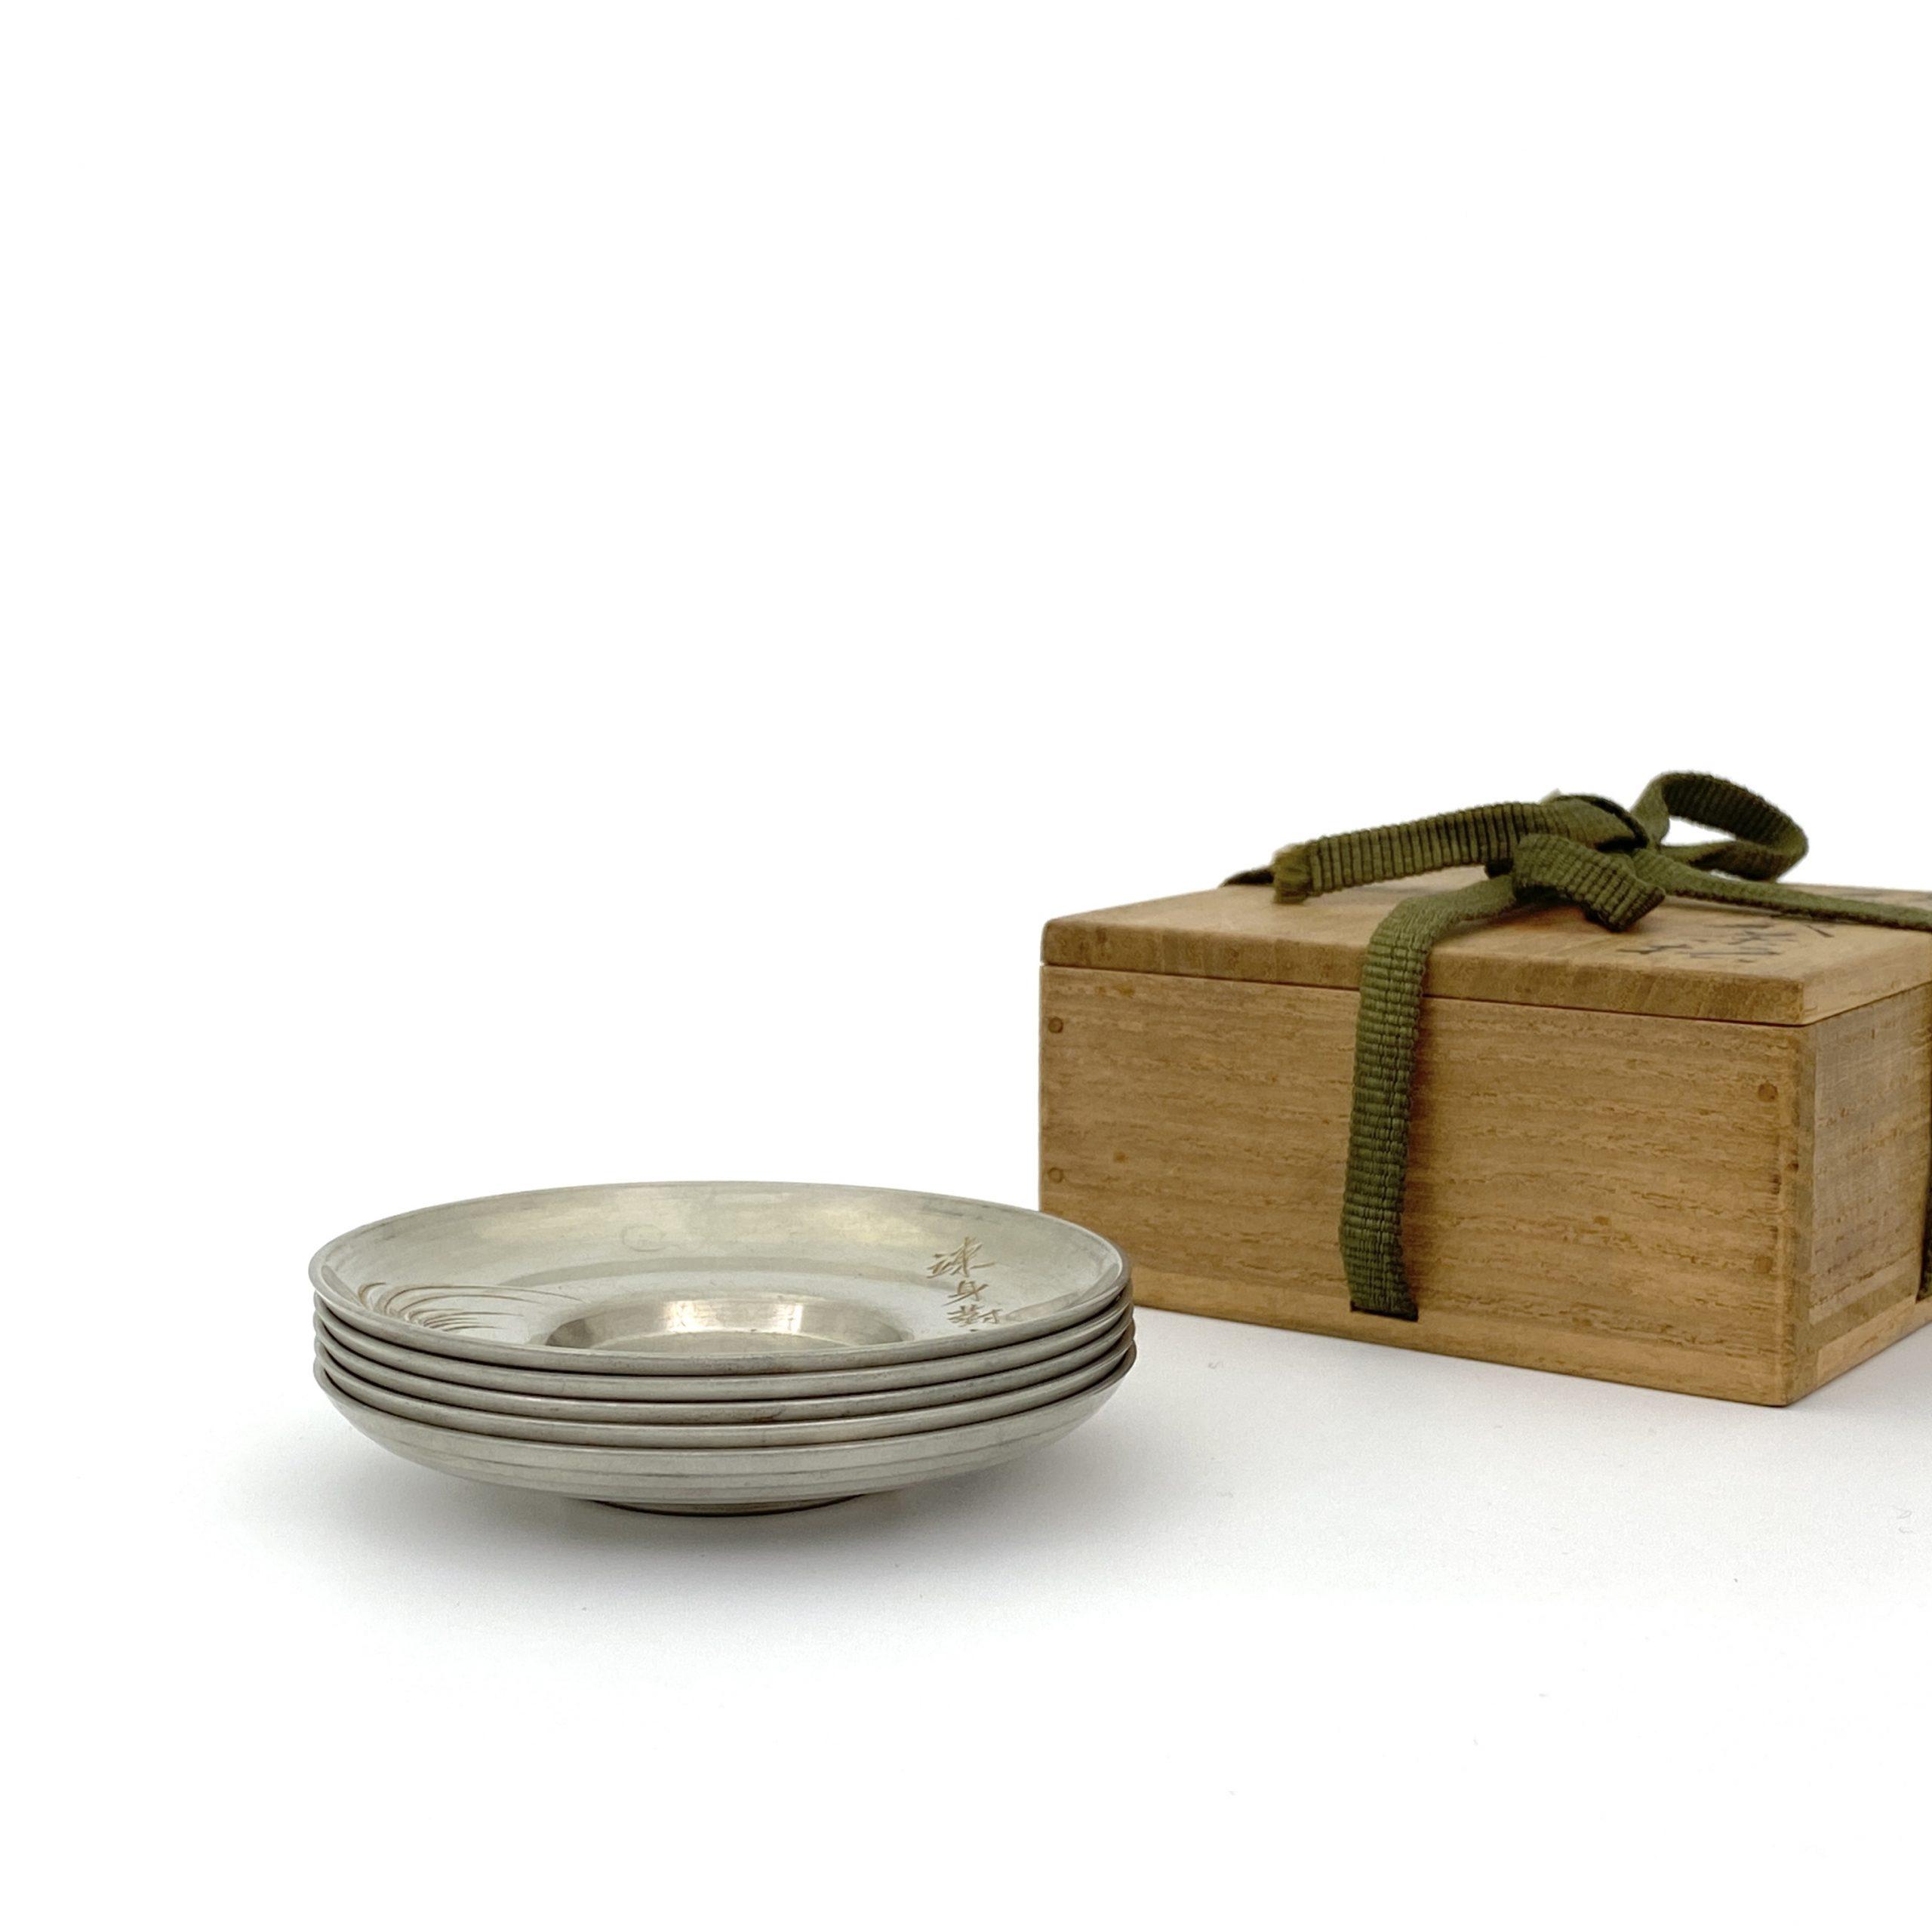 20018「四世蔵六」造 「銕琅」刻 錫 刻鶏紋 茶托⑤